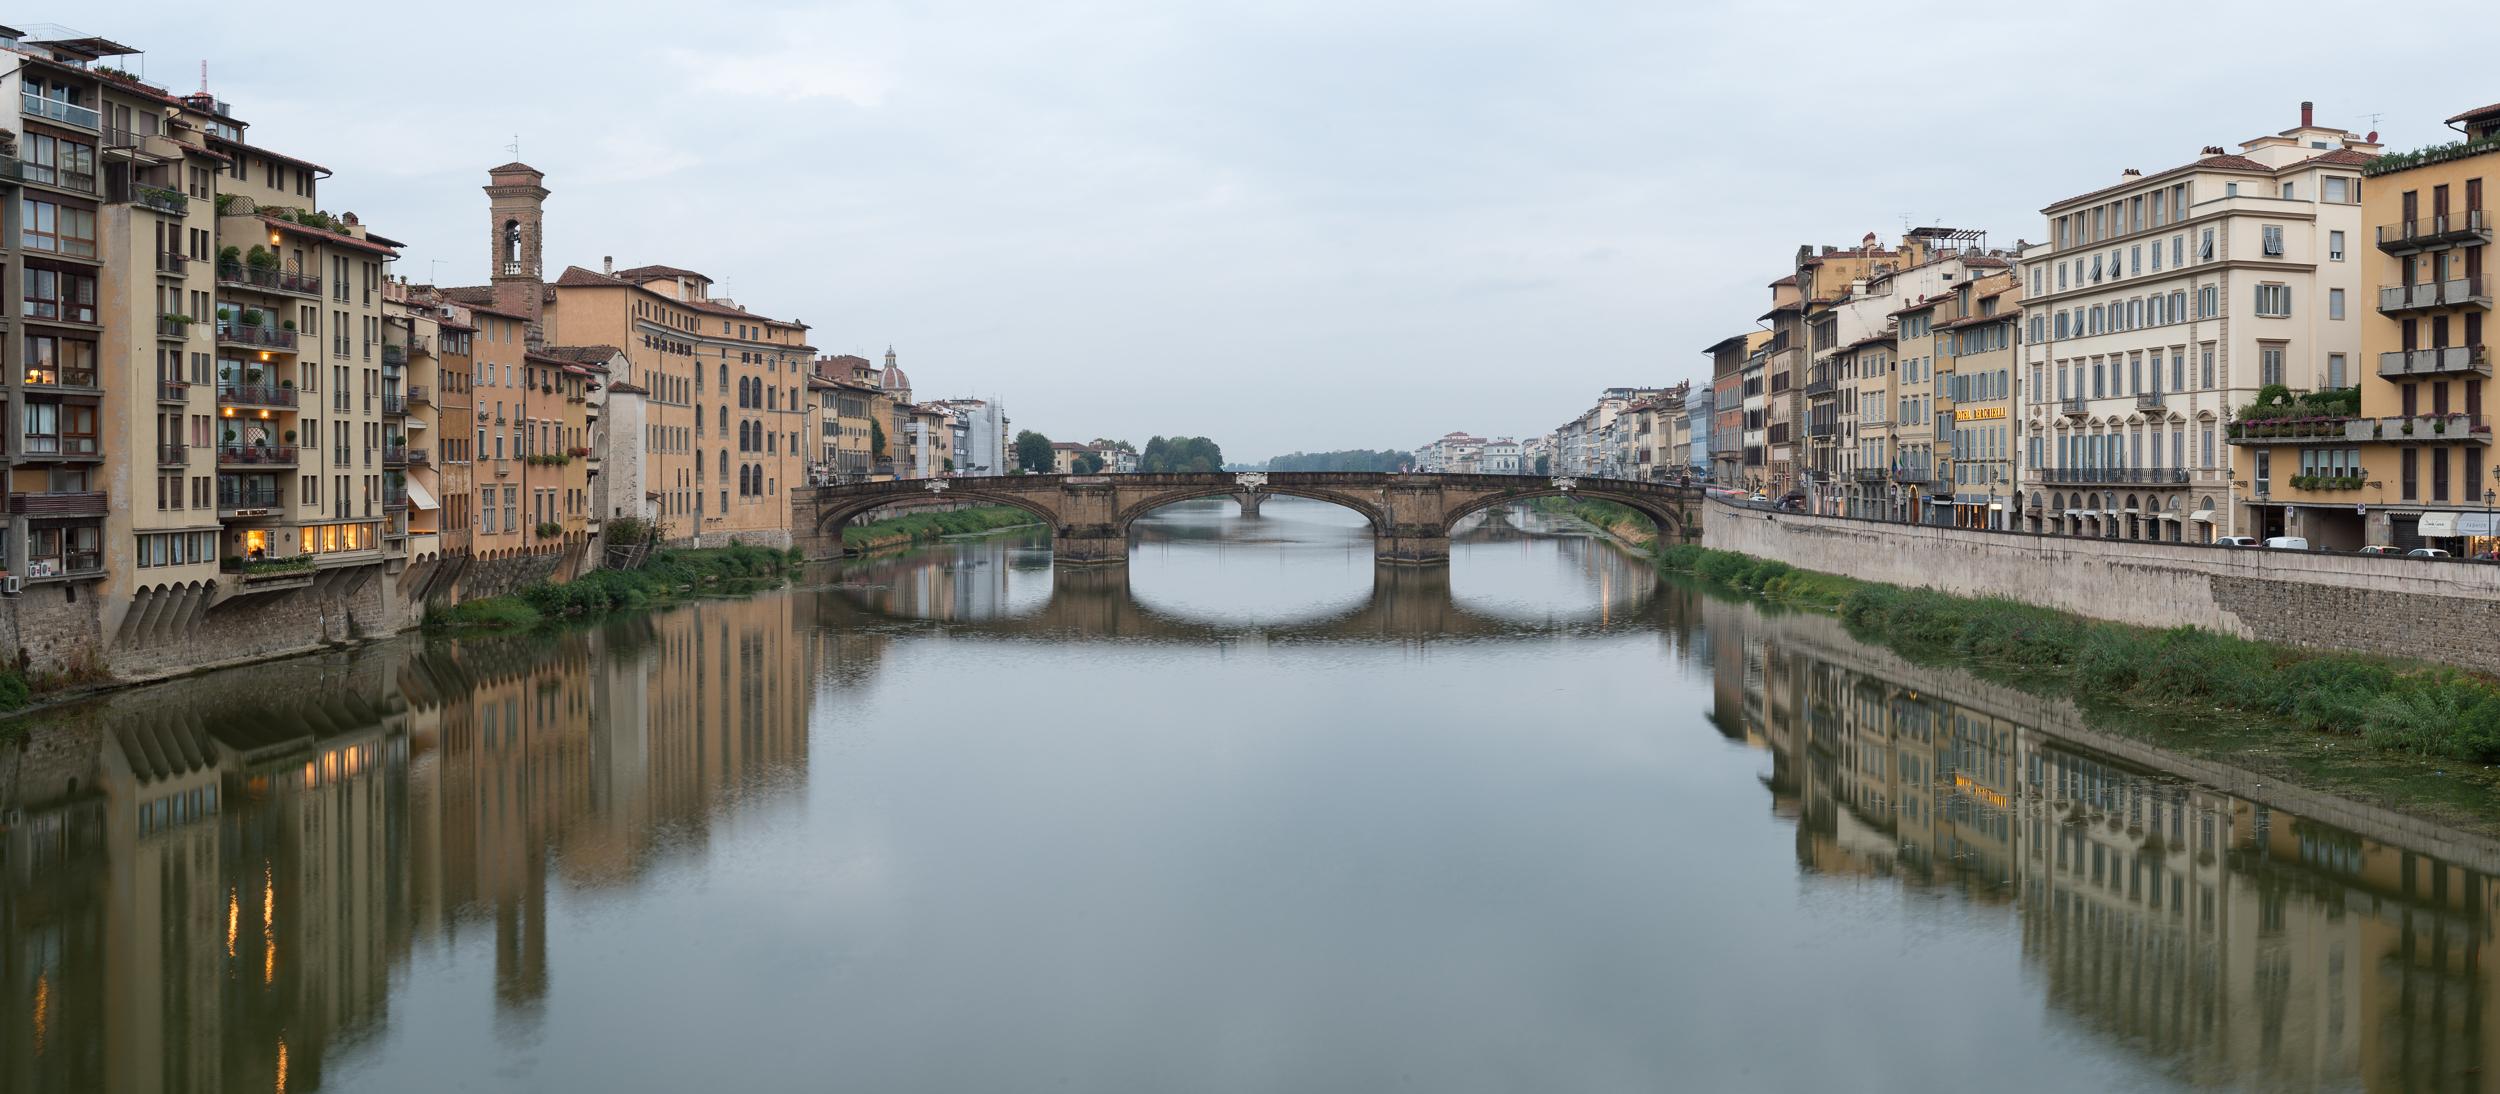 Bridge_Pano_16x7.JPG